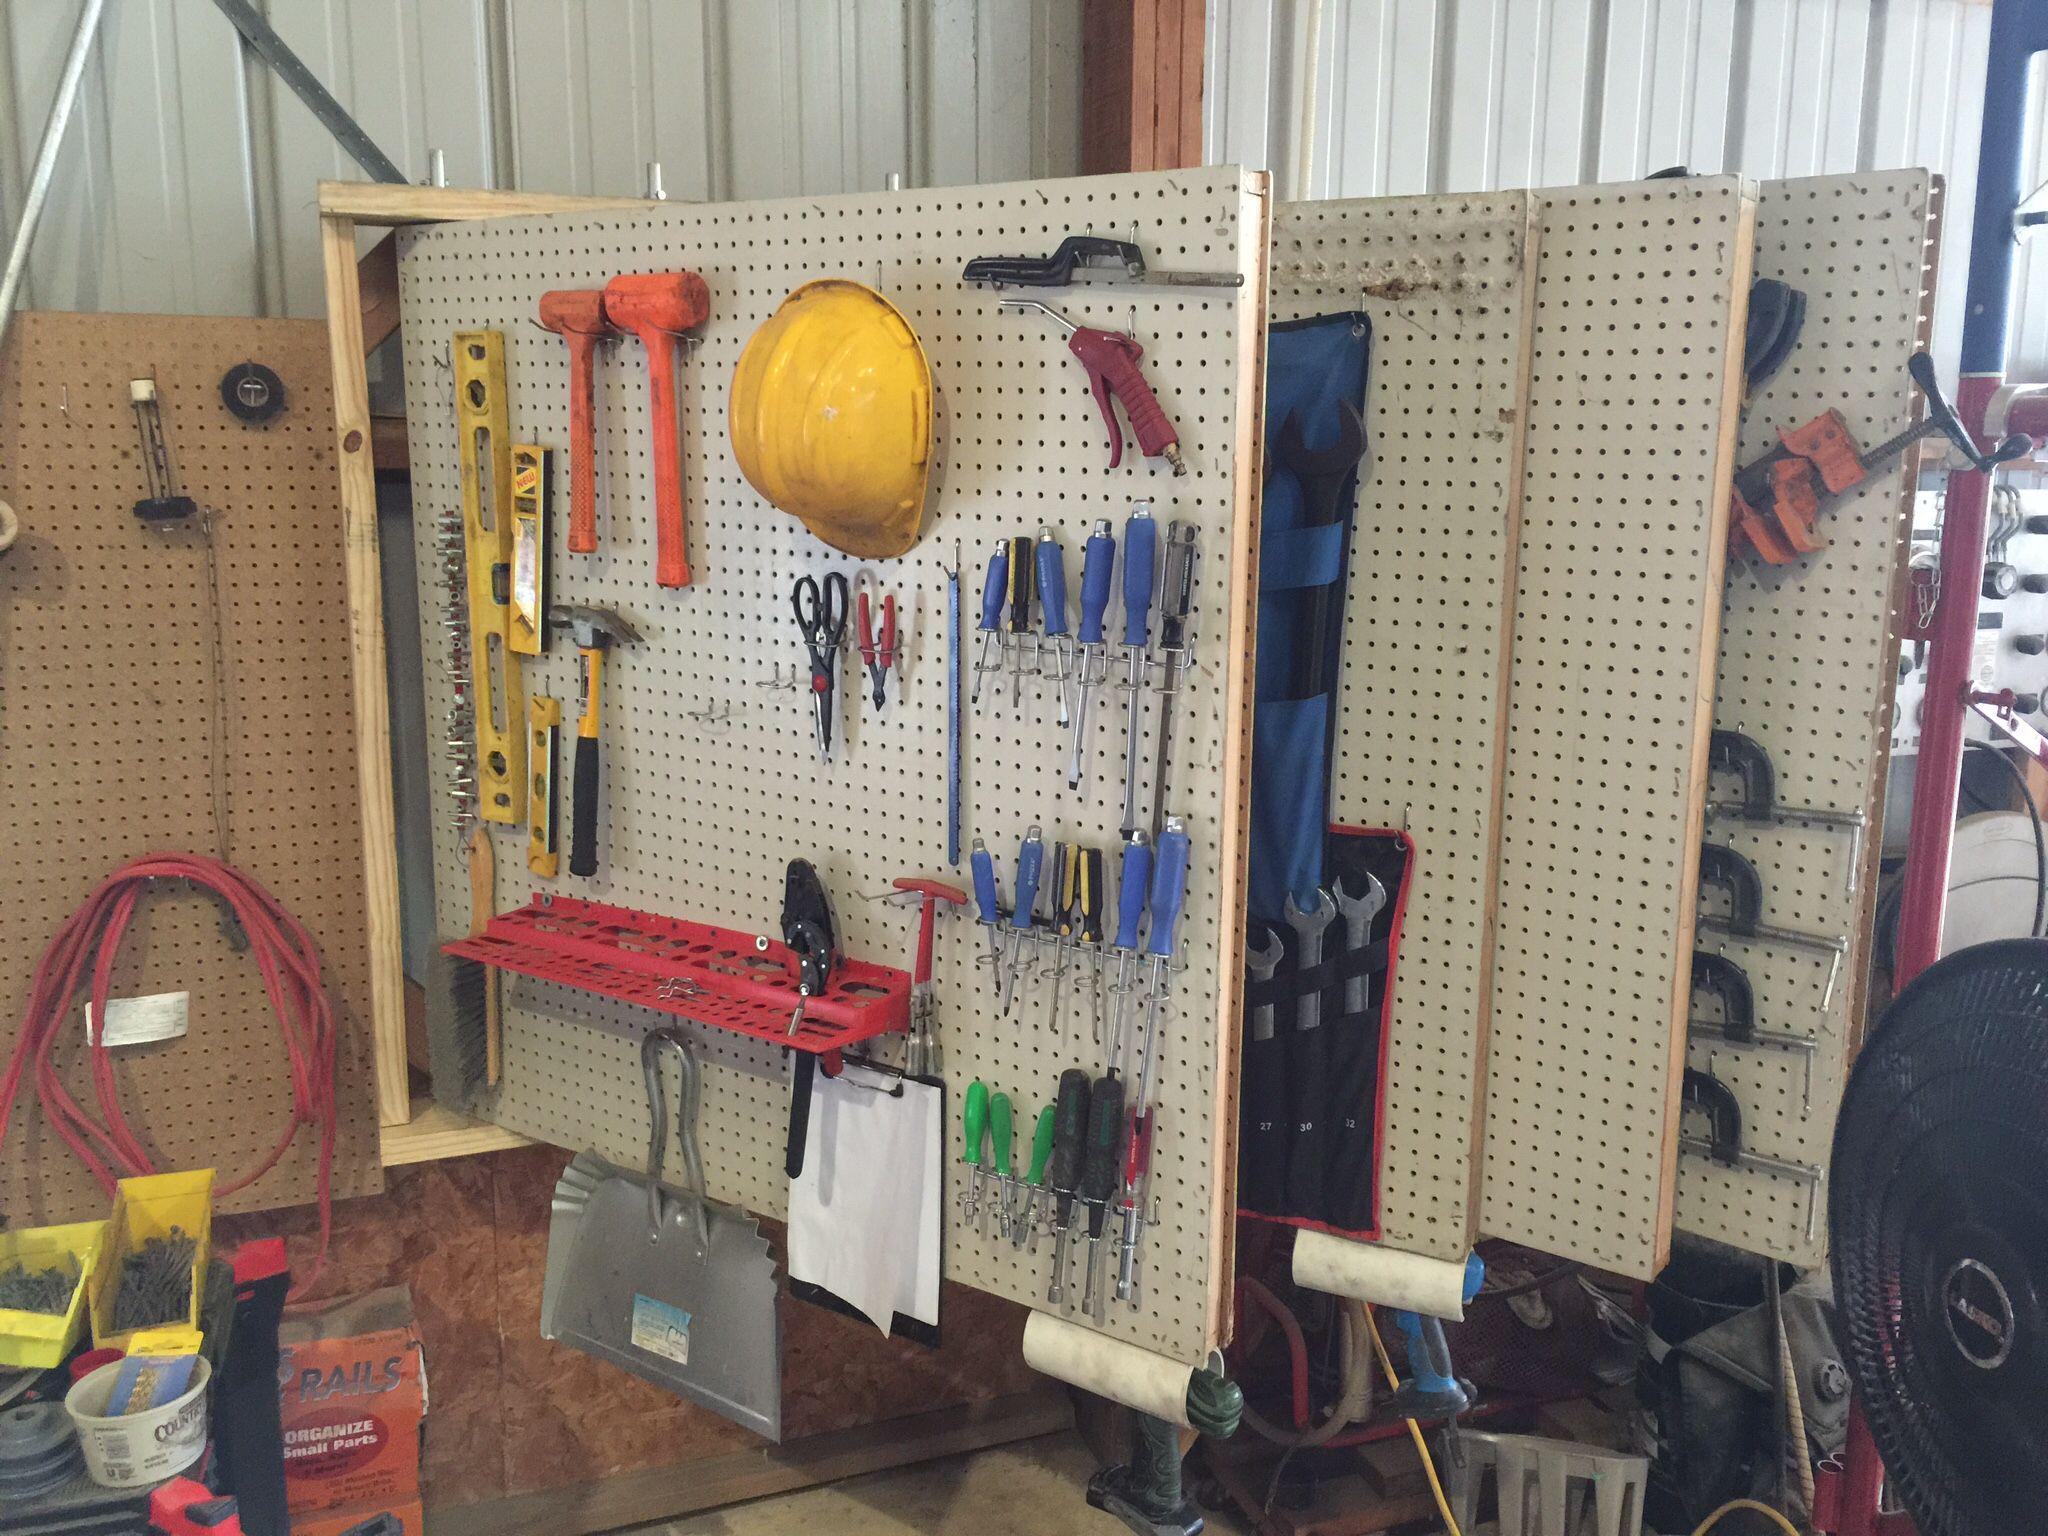 swinging peg board 32u0027 of peg board taking up only 4u0027 of wall space - Peg Boards